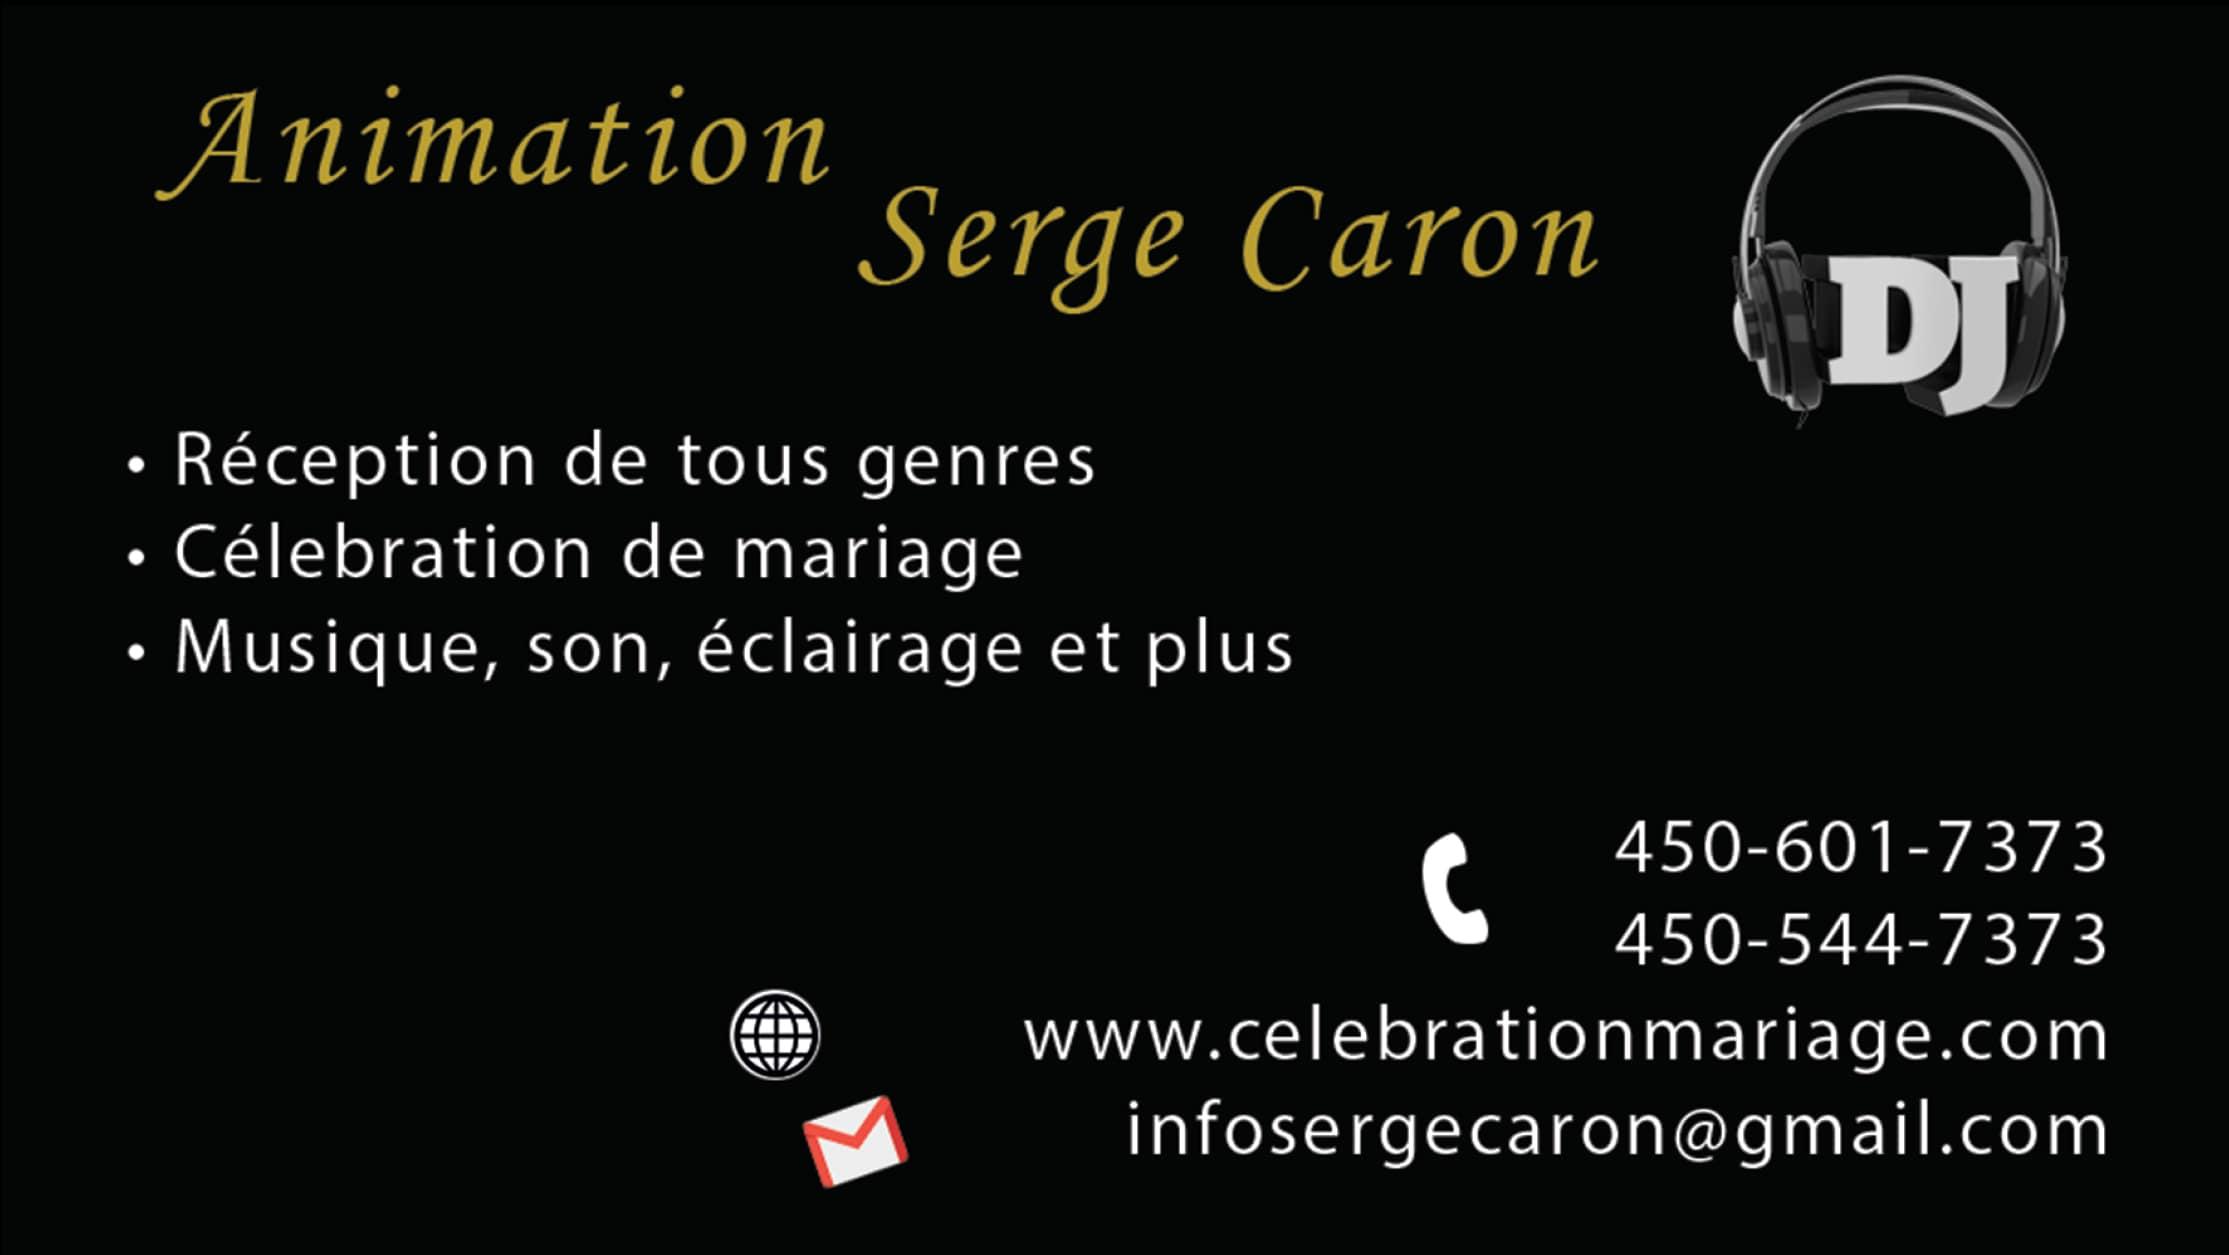 DISCO SERGE CARON